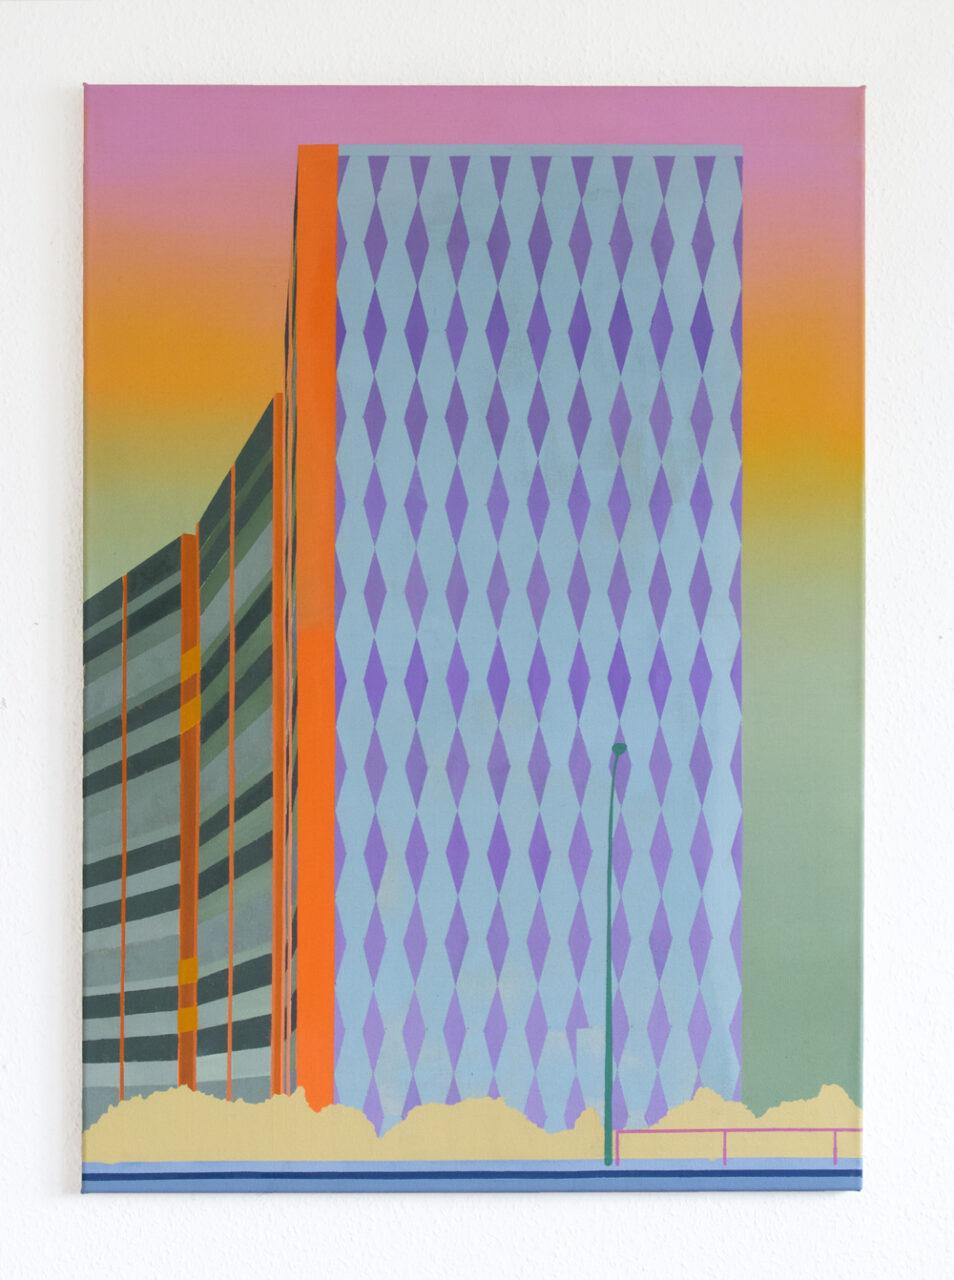 Wohnscheibe, 2020, oil on canvas, 100 x 70 cm